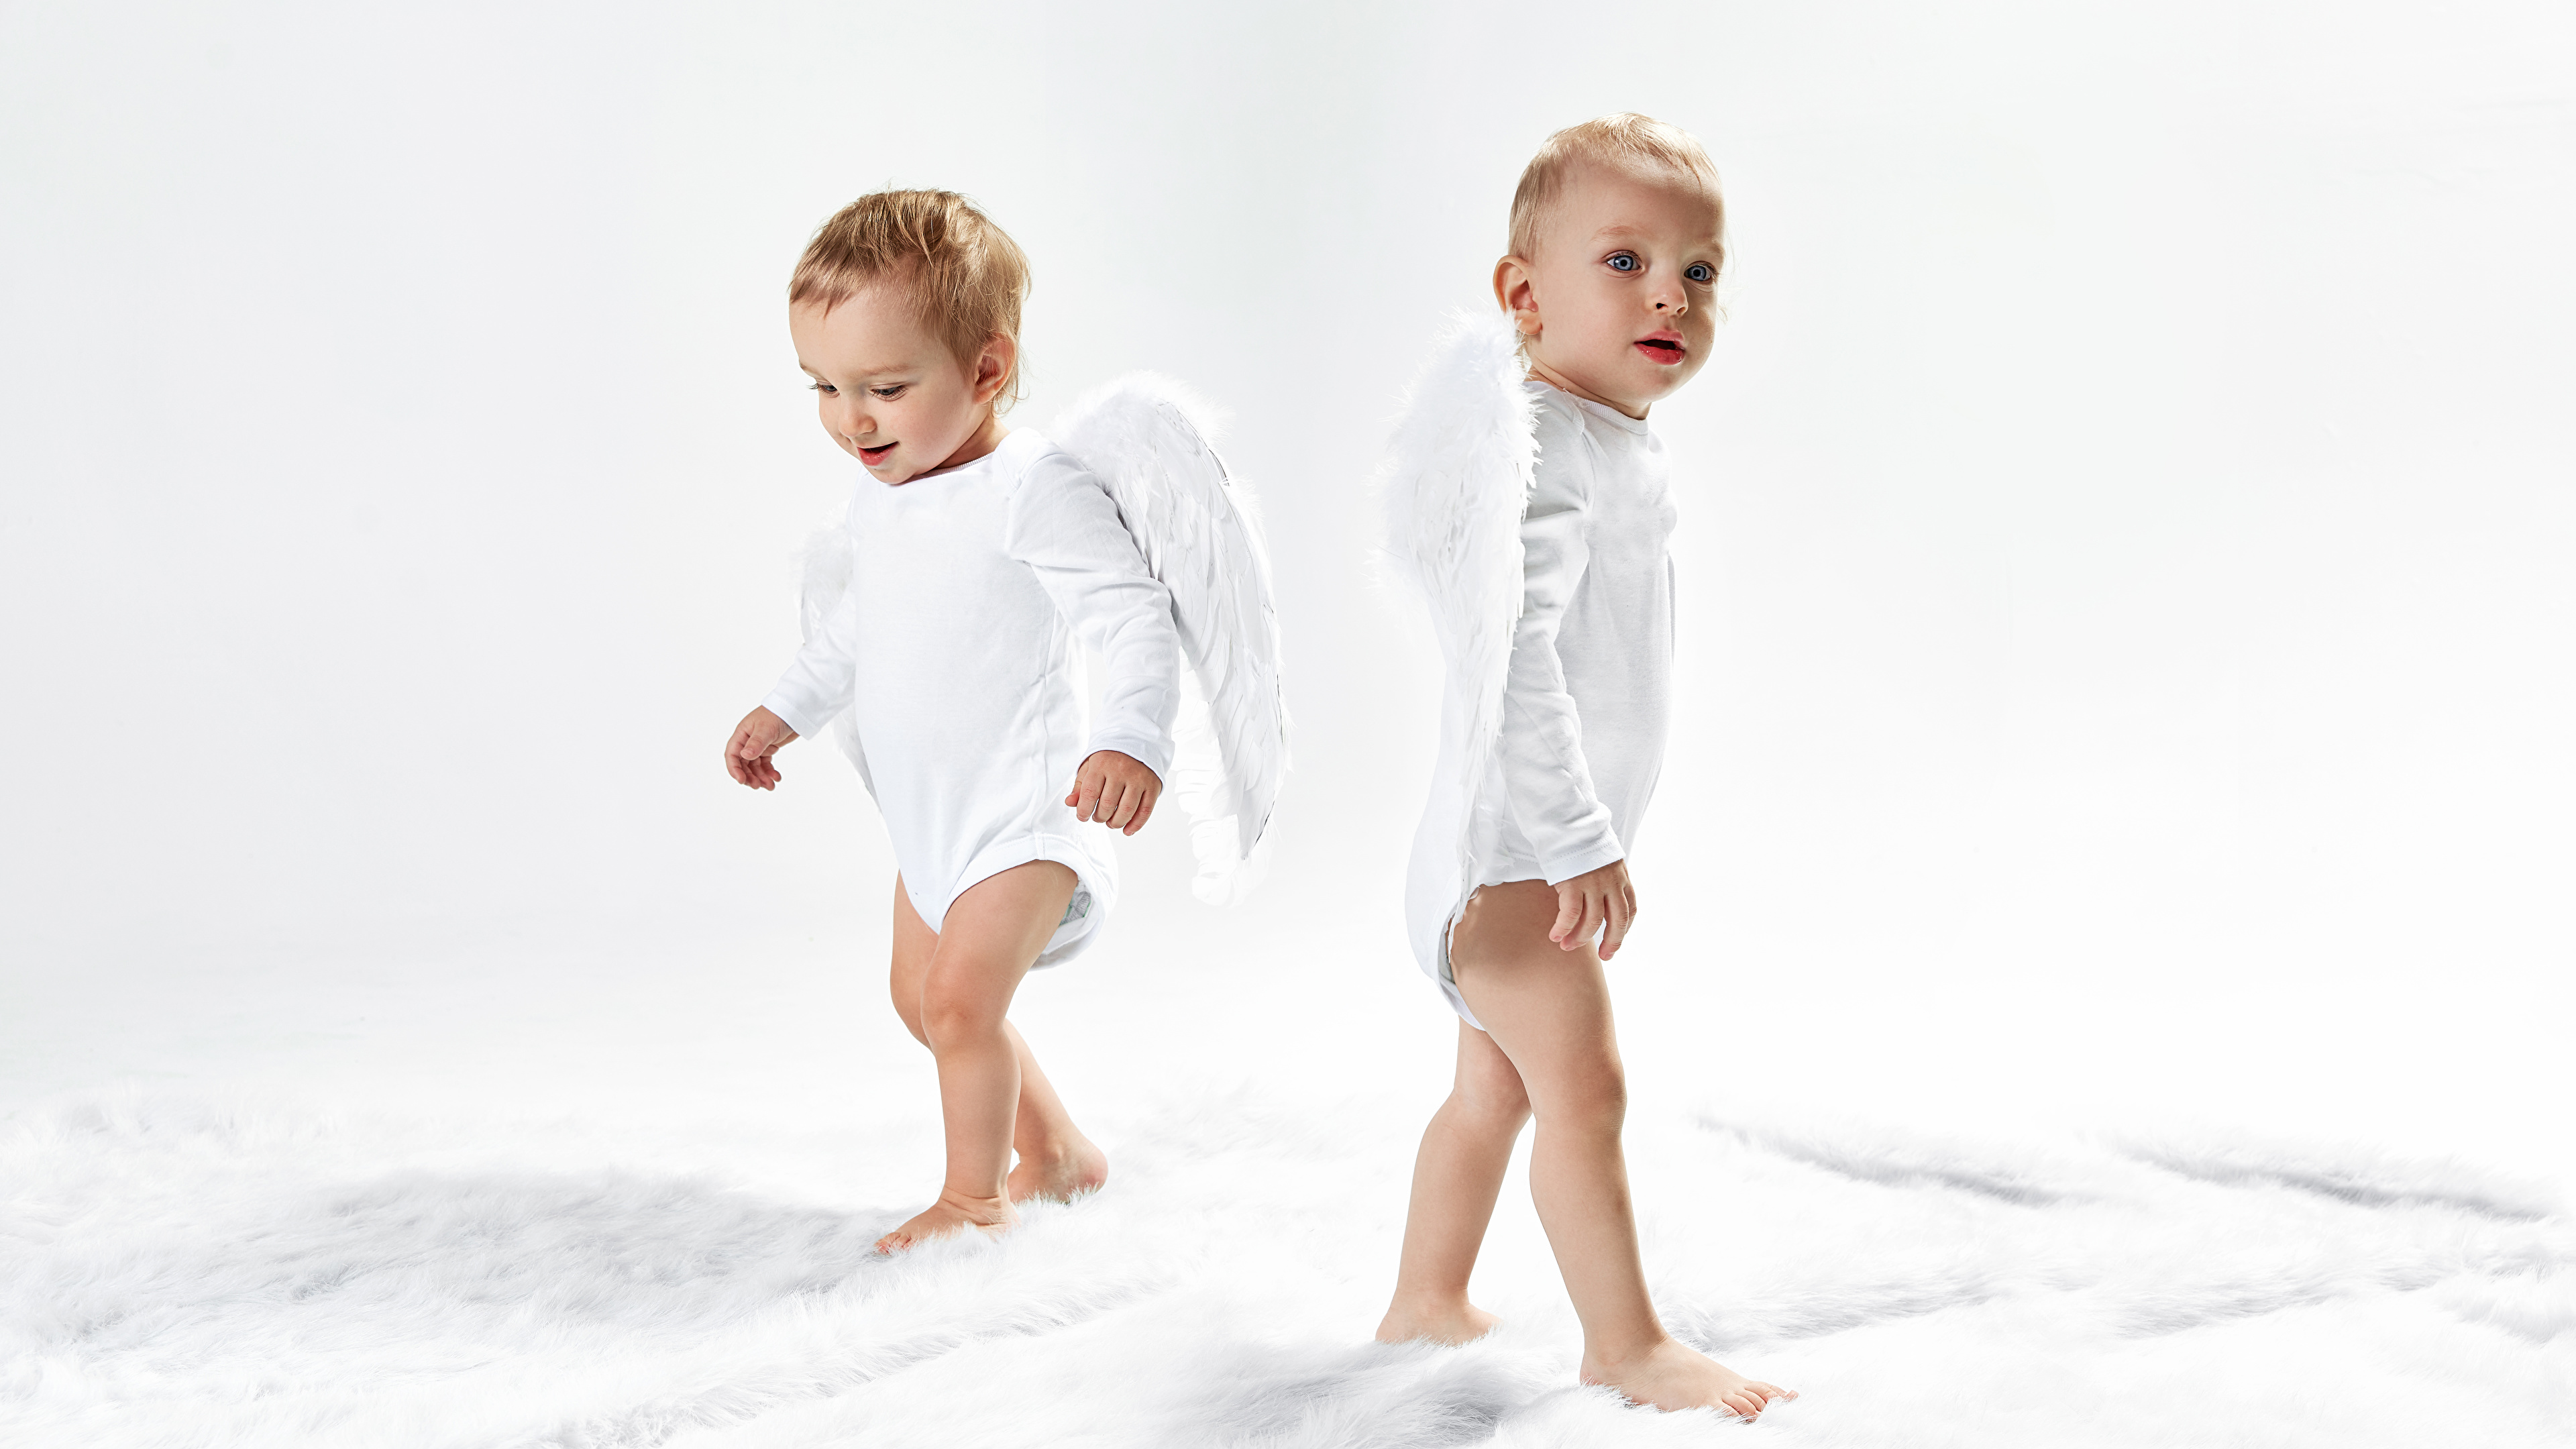 Картинка Младенцы мальчишка Крылья Дети два Ангелы смотрит 3840x2160 мальчик младенца Мальчики младенец мальчишки грудной ребёнок ребёнок 2 две Двое вдвоем ангел Взгляд смотрят